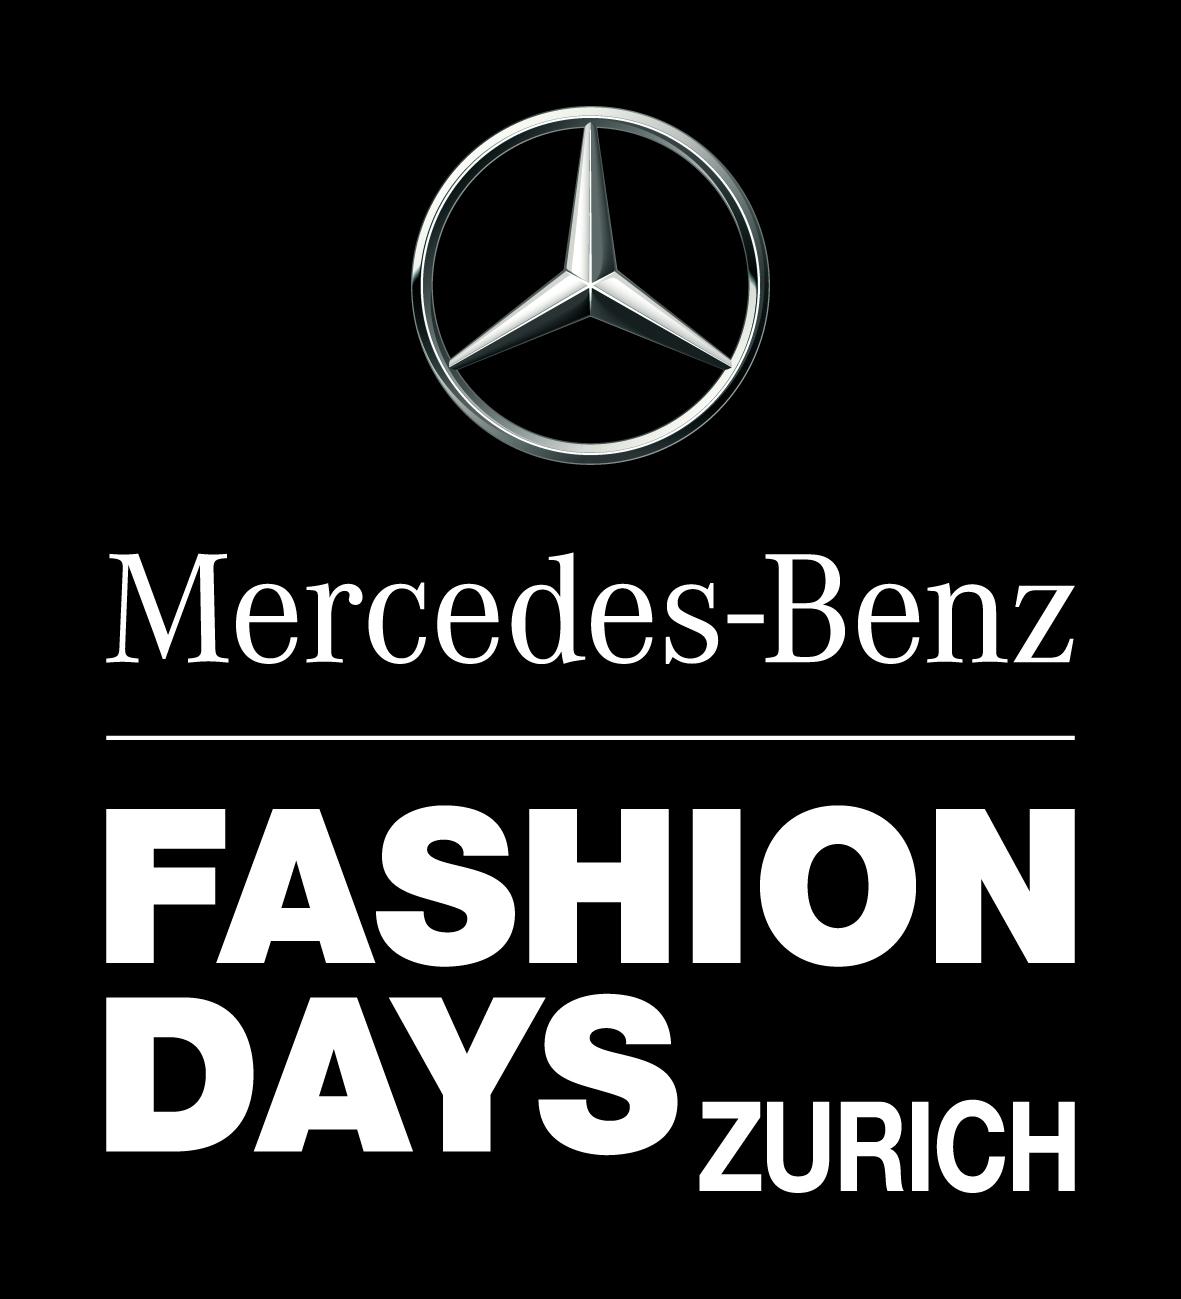 Mercedes Benz Fashion Days Zurich 2013